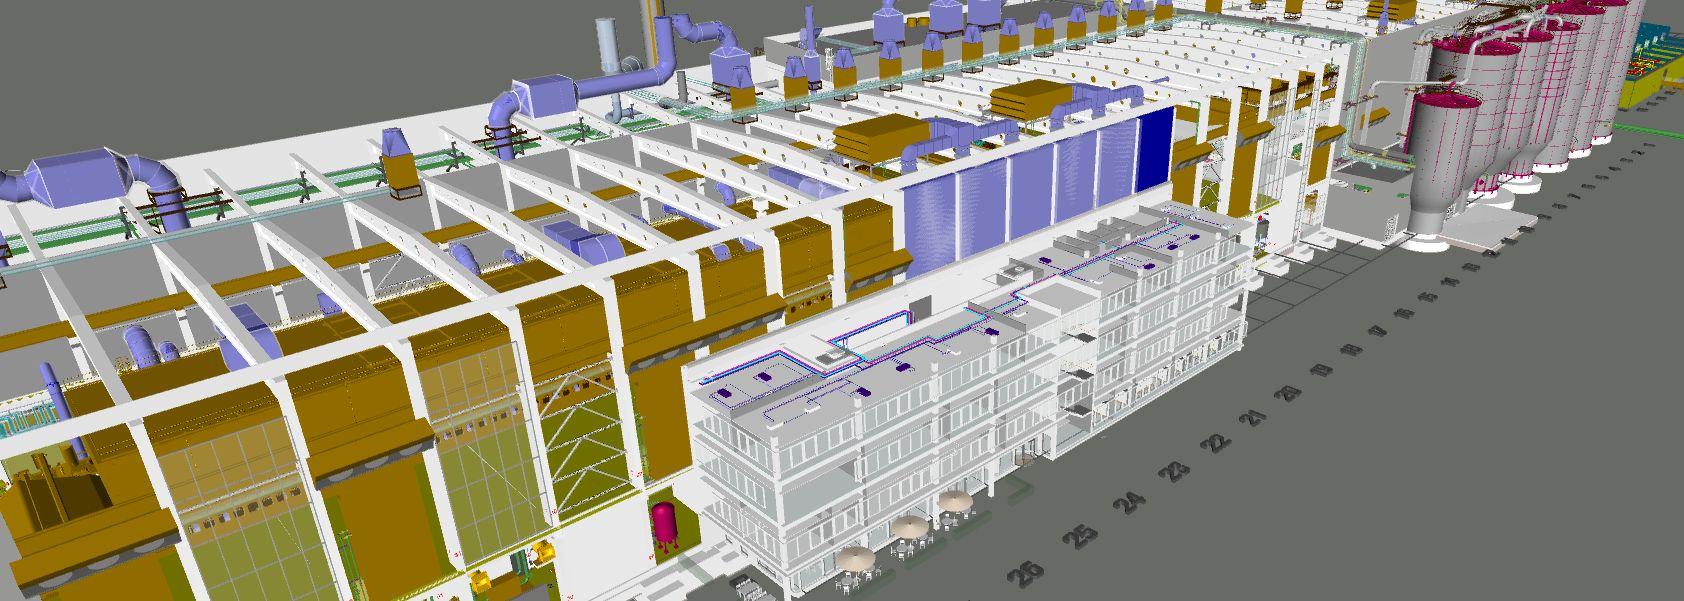 BIM: 3D Modell der Papierfabrik PM3 der Pöls AG